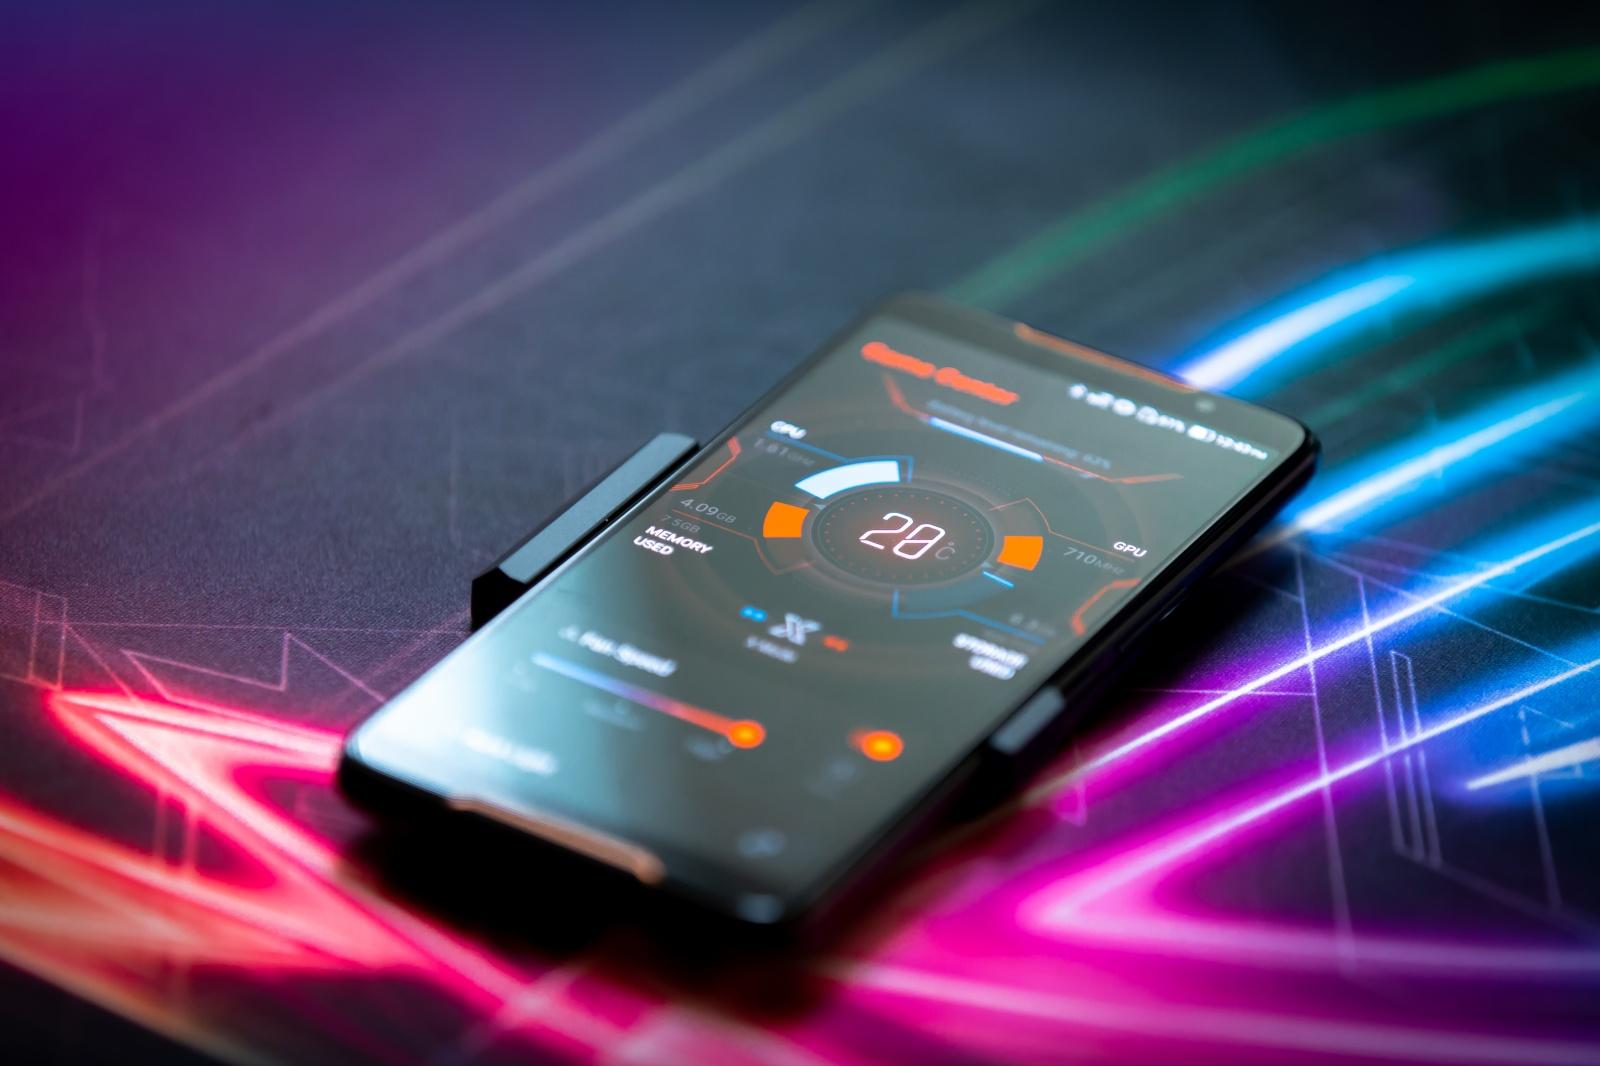 Первый взгляд на геймерский смартфон ASUS ROG Phone - 12